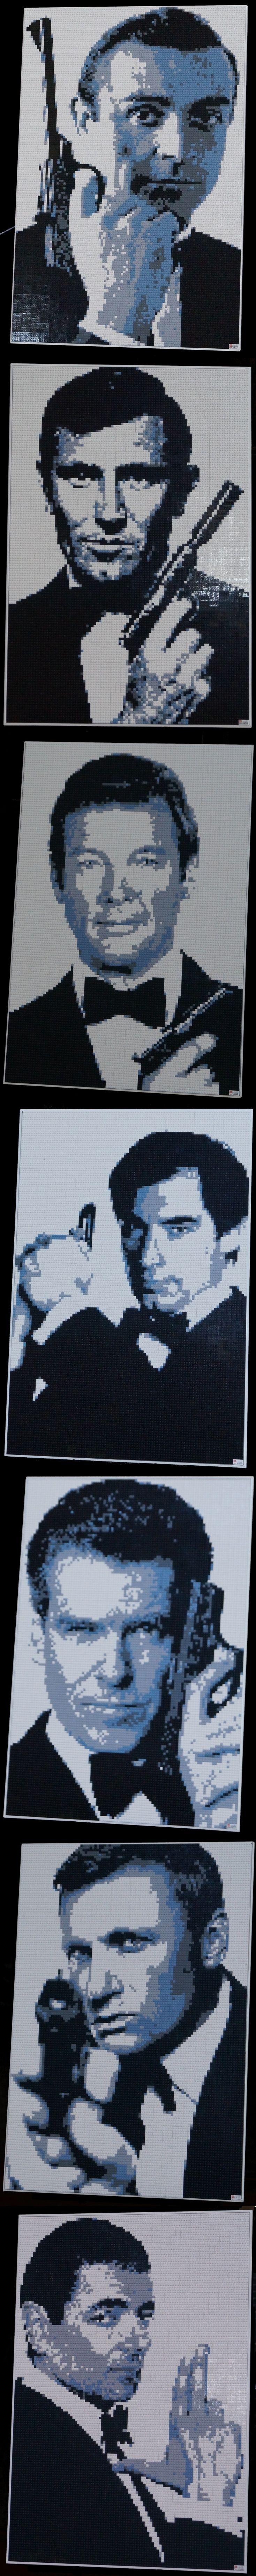 LEGO James Bond Mosaics